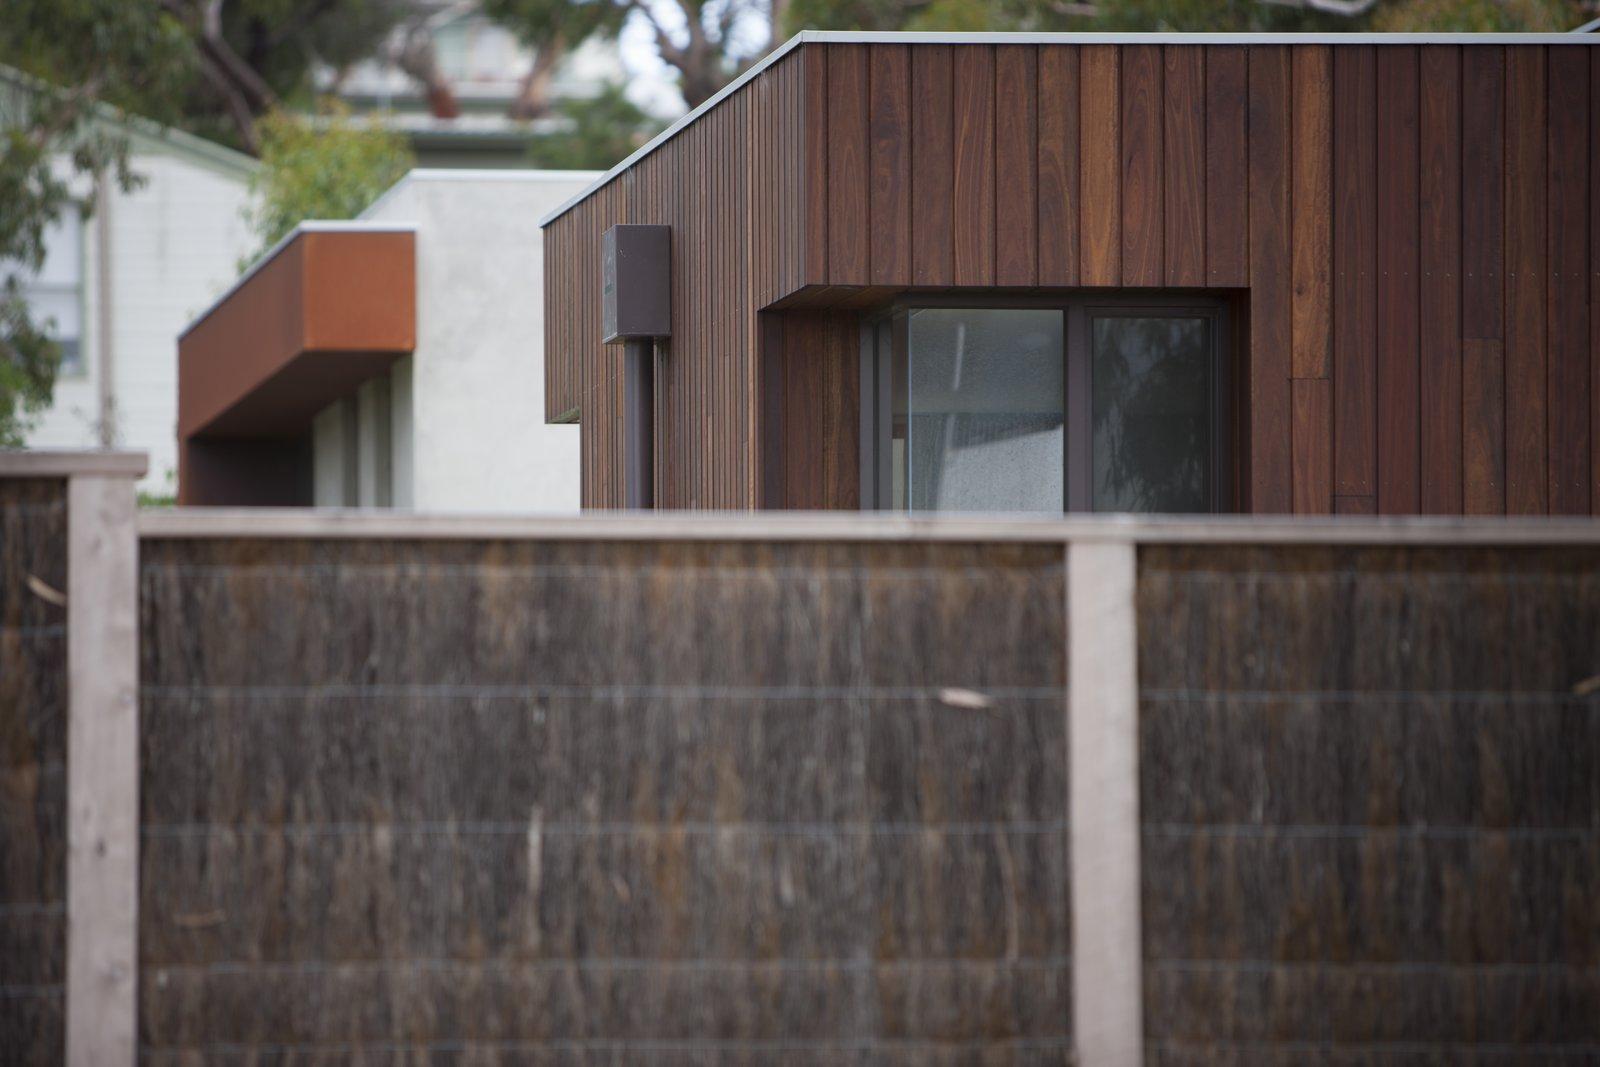 Brush Panel Fence  Pod Residence by Bespoke Architects